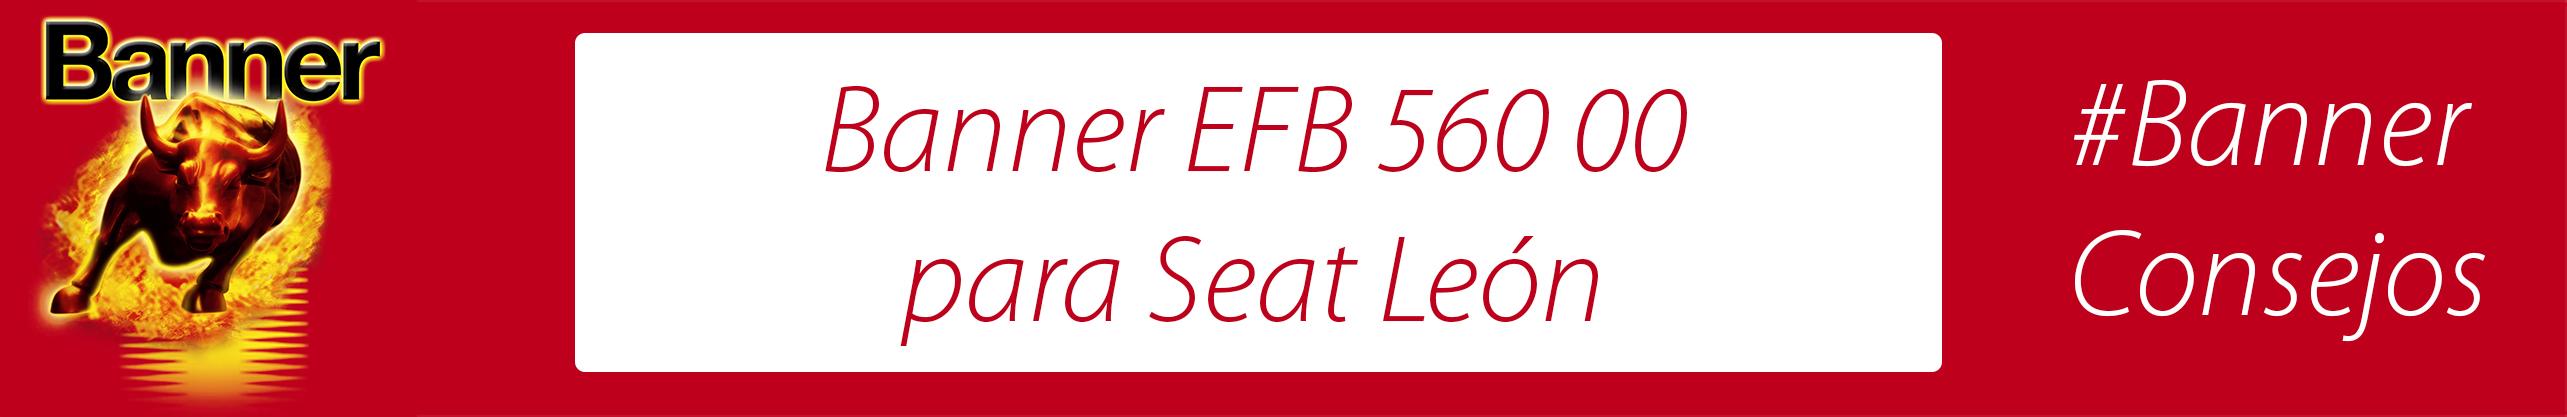 ¿Sabías que la Banner EFB 560 00 es la batería que lleva el Seat León?